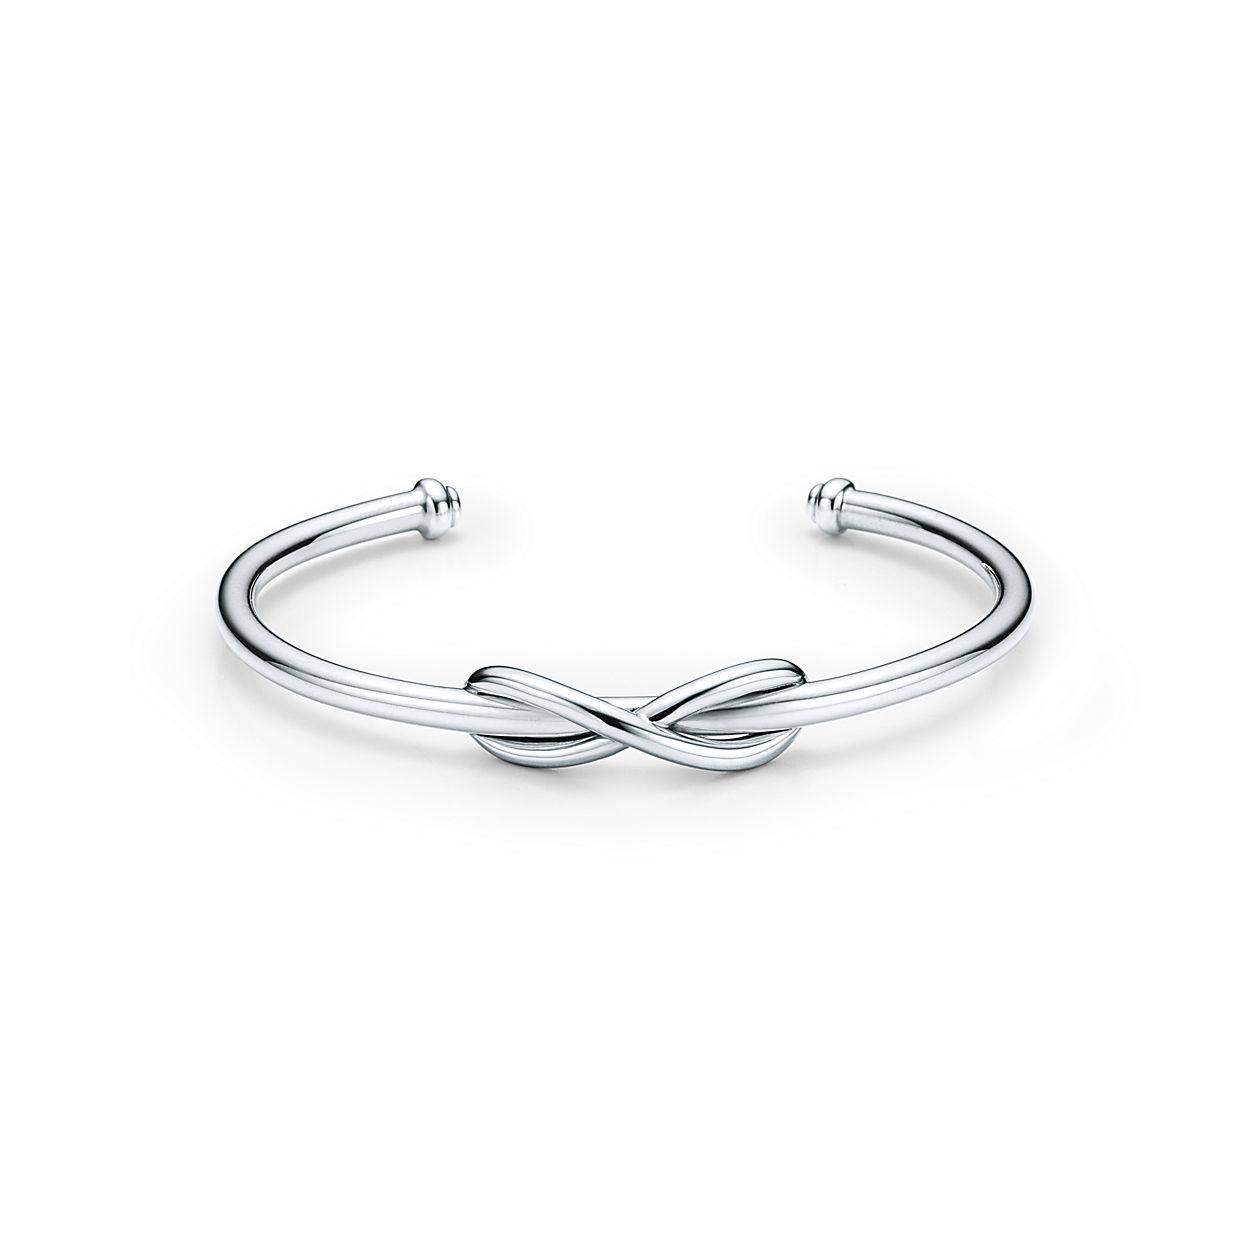 Tiffany Infinity Cuff